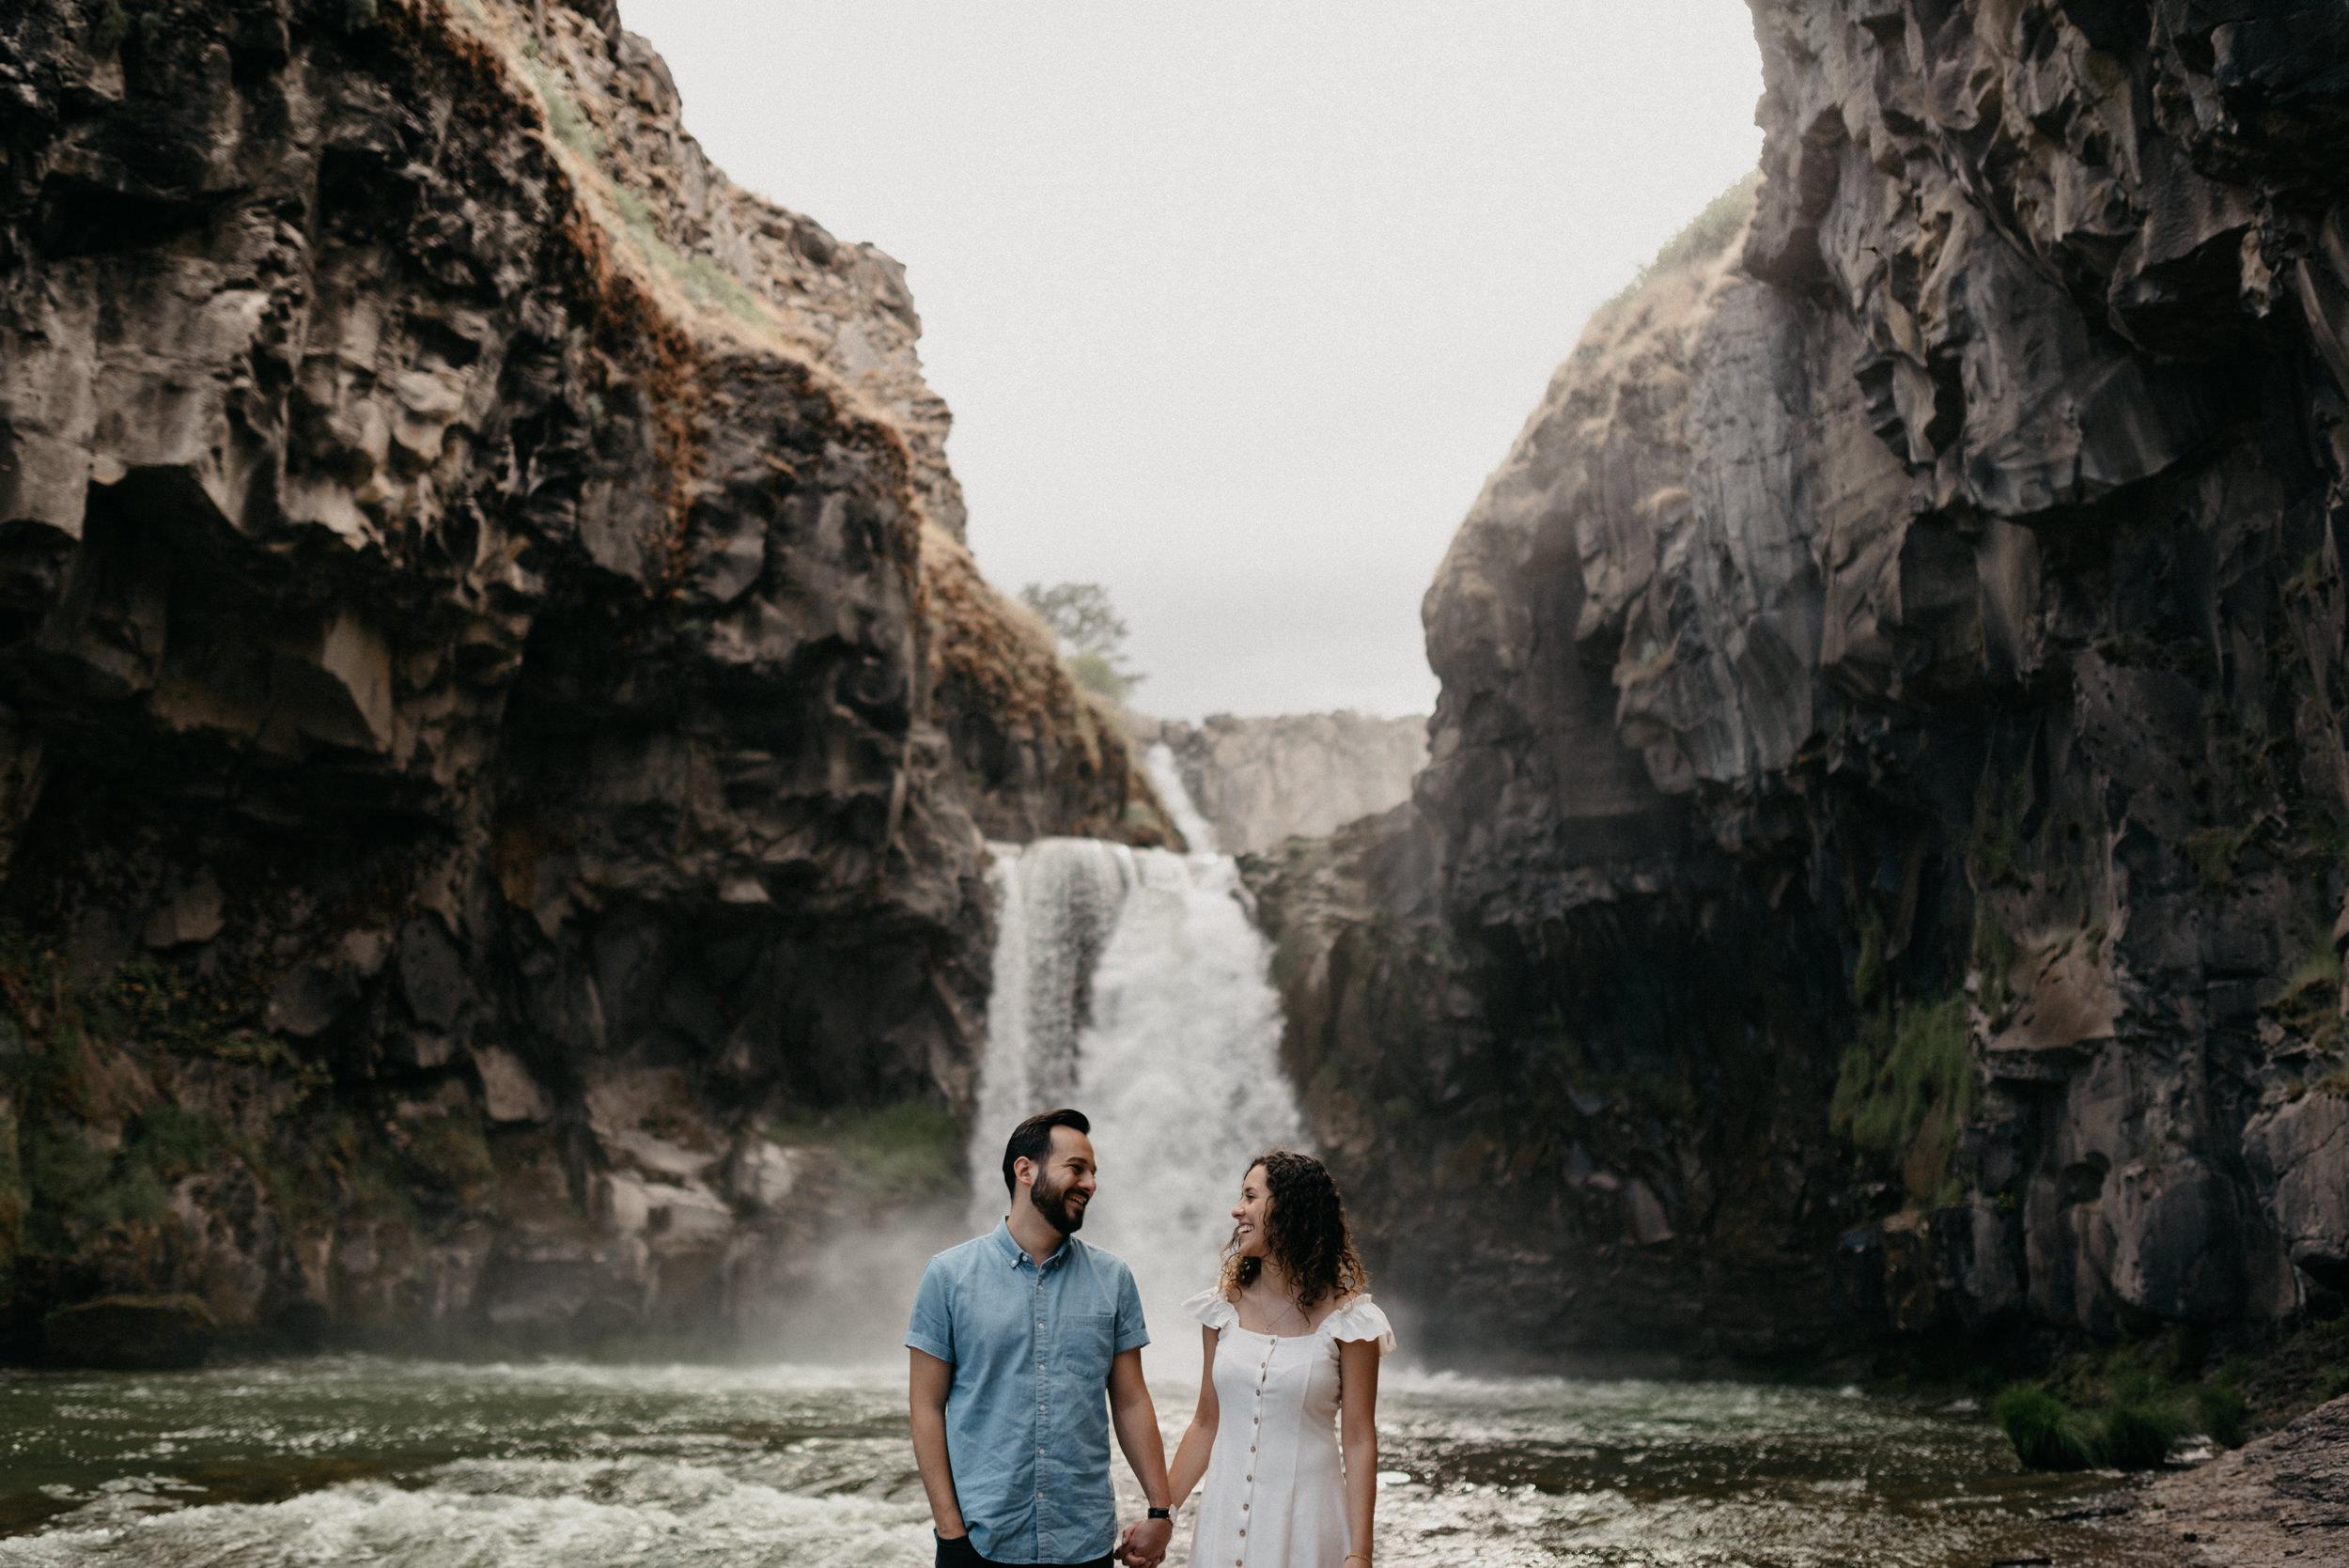 17-White-river-falls-state-park-engagement-5707.jpg